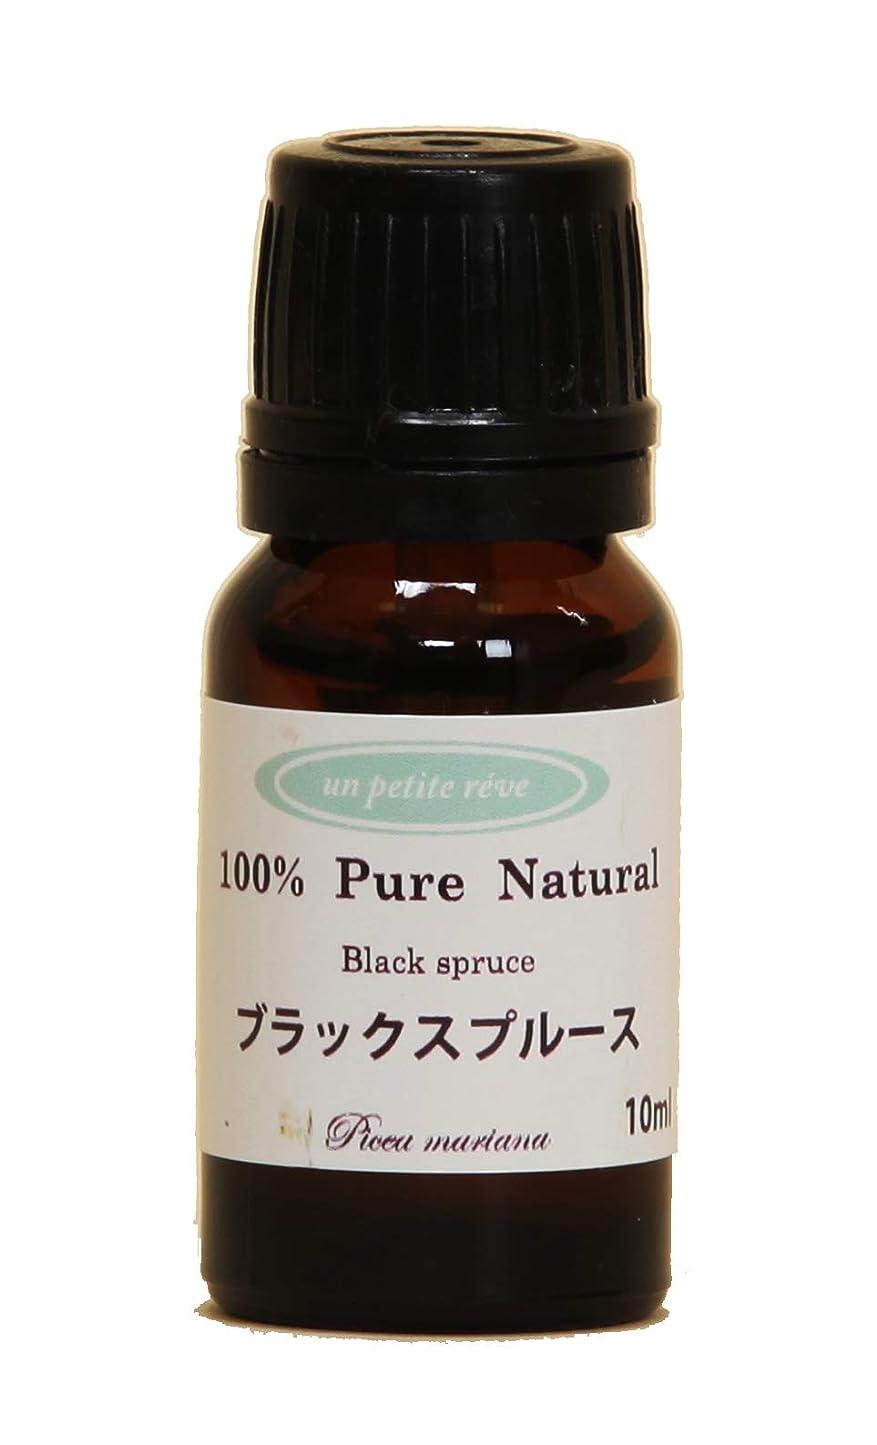 五月セマフォよろしくブラックスプルース 10ml 100%天然アロマエッセンシャルオイル(精油)